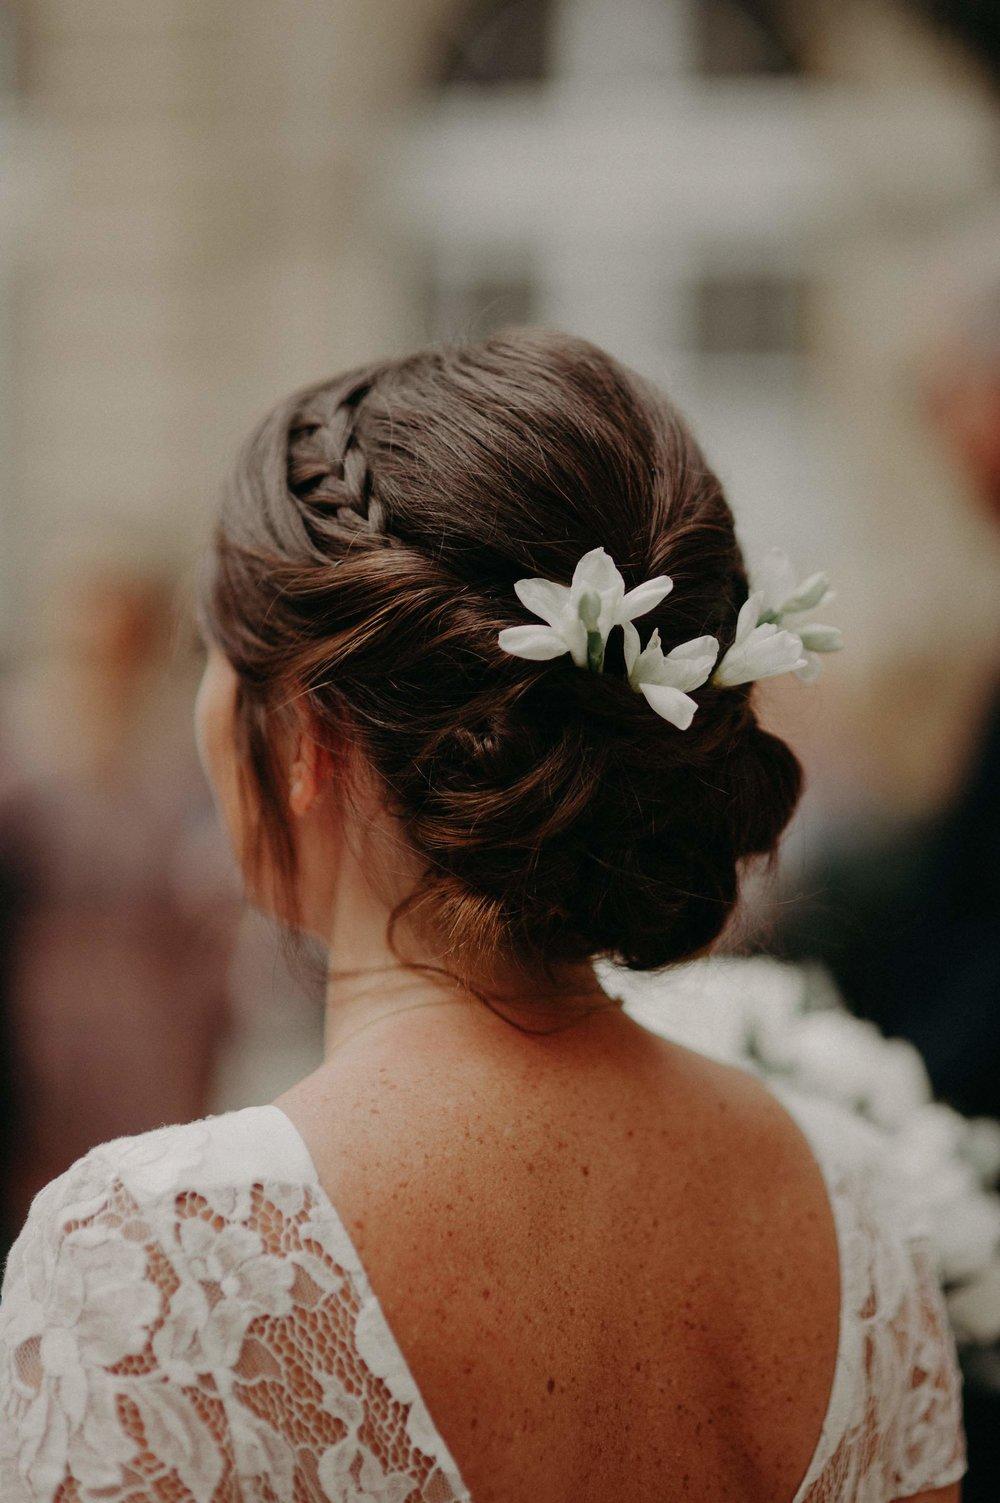 reporthaire-coiffure-maquillage-mariage-aurelie.jpg